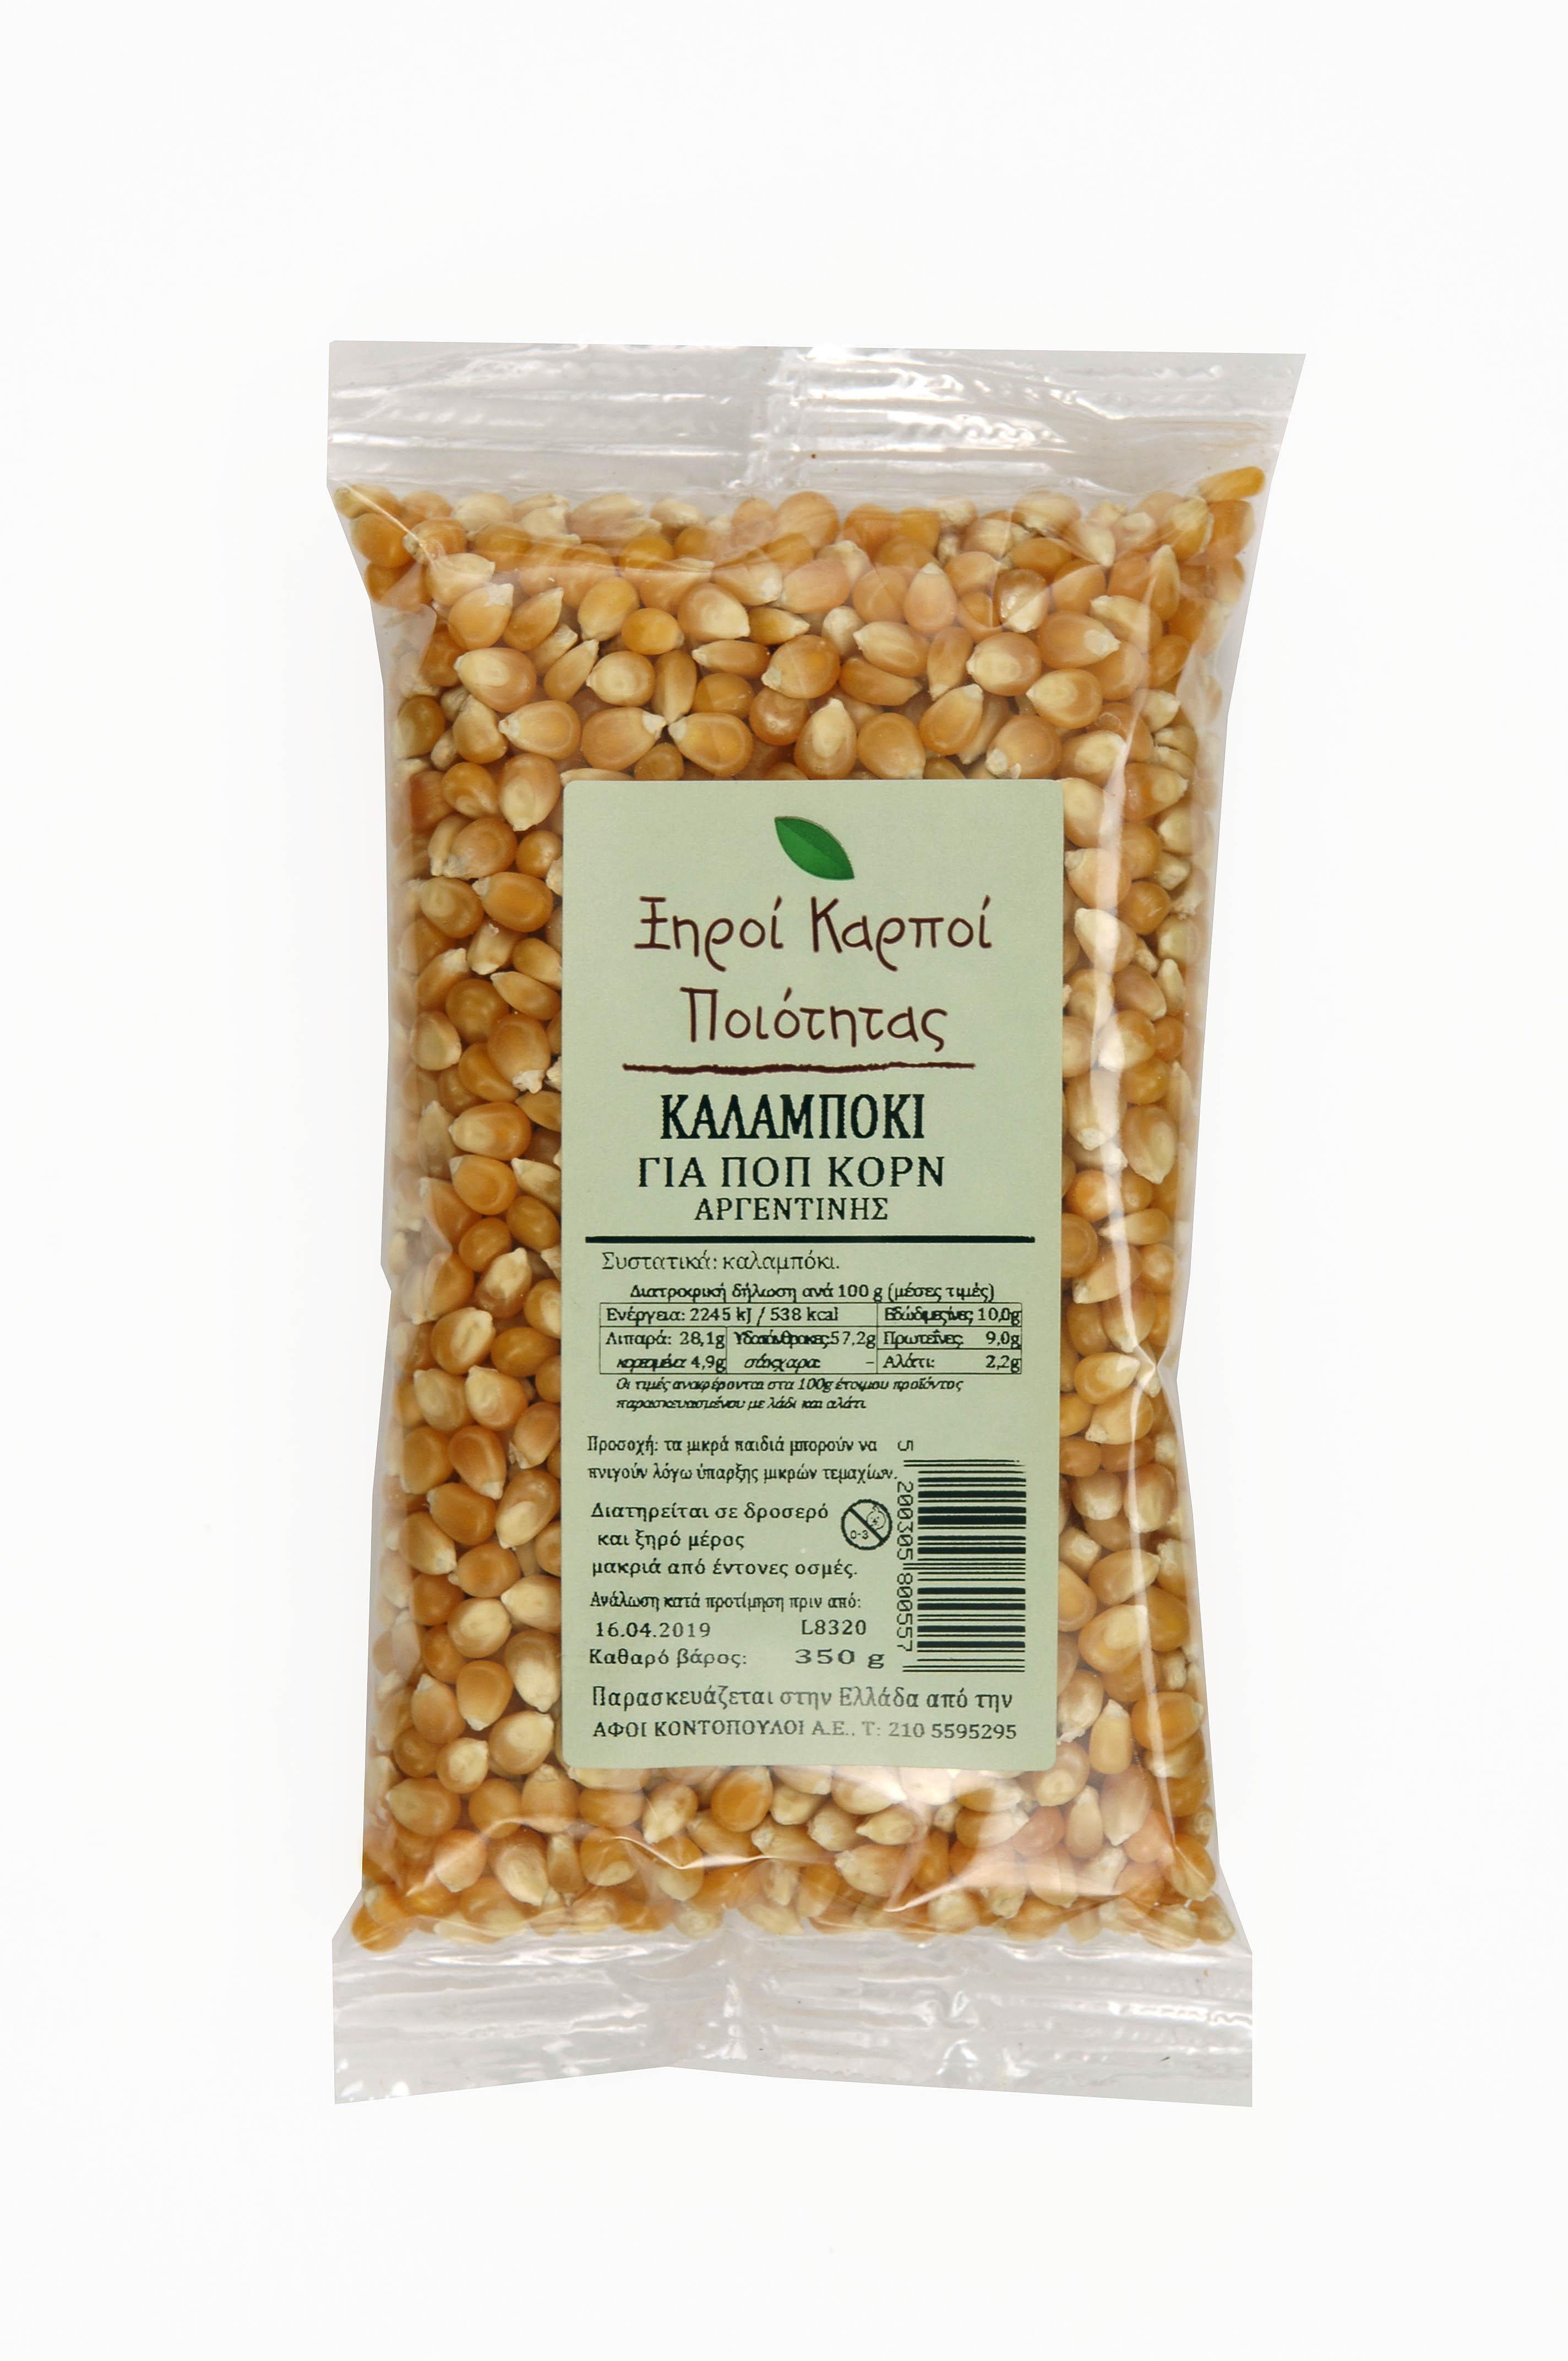 Pop Corn Αφοί Κοντόπουλοι (350g)